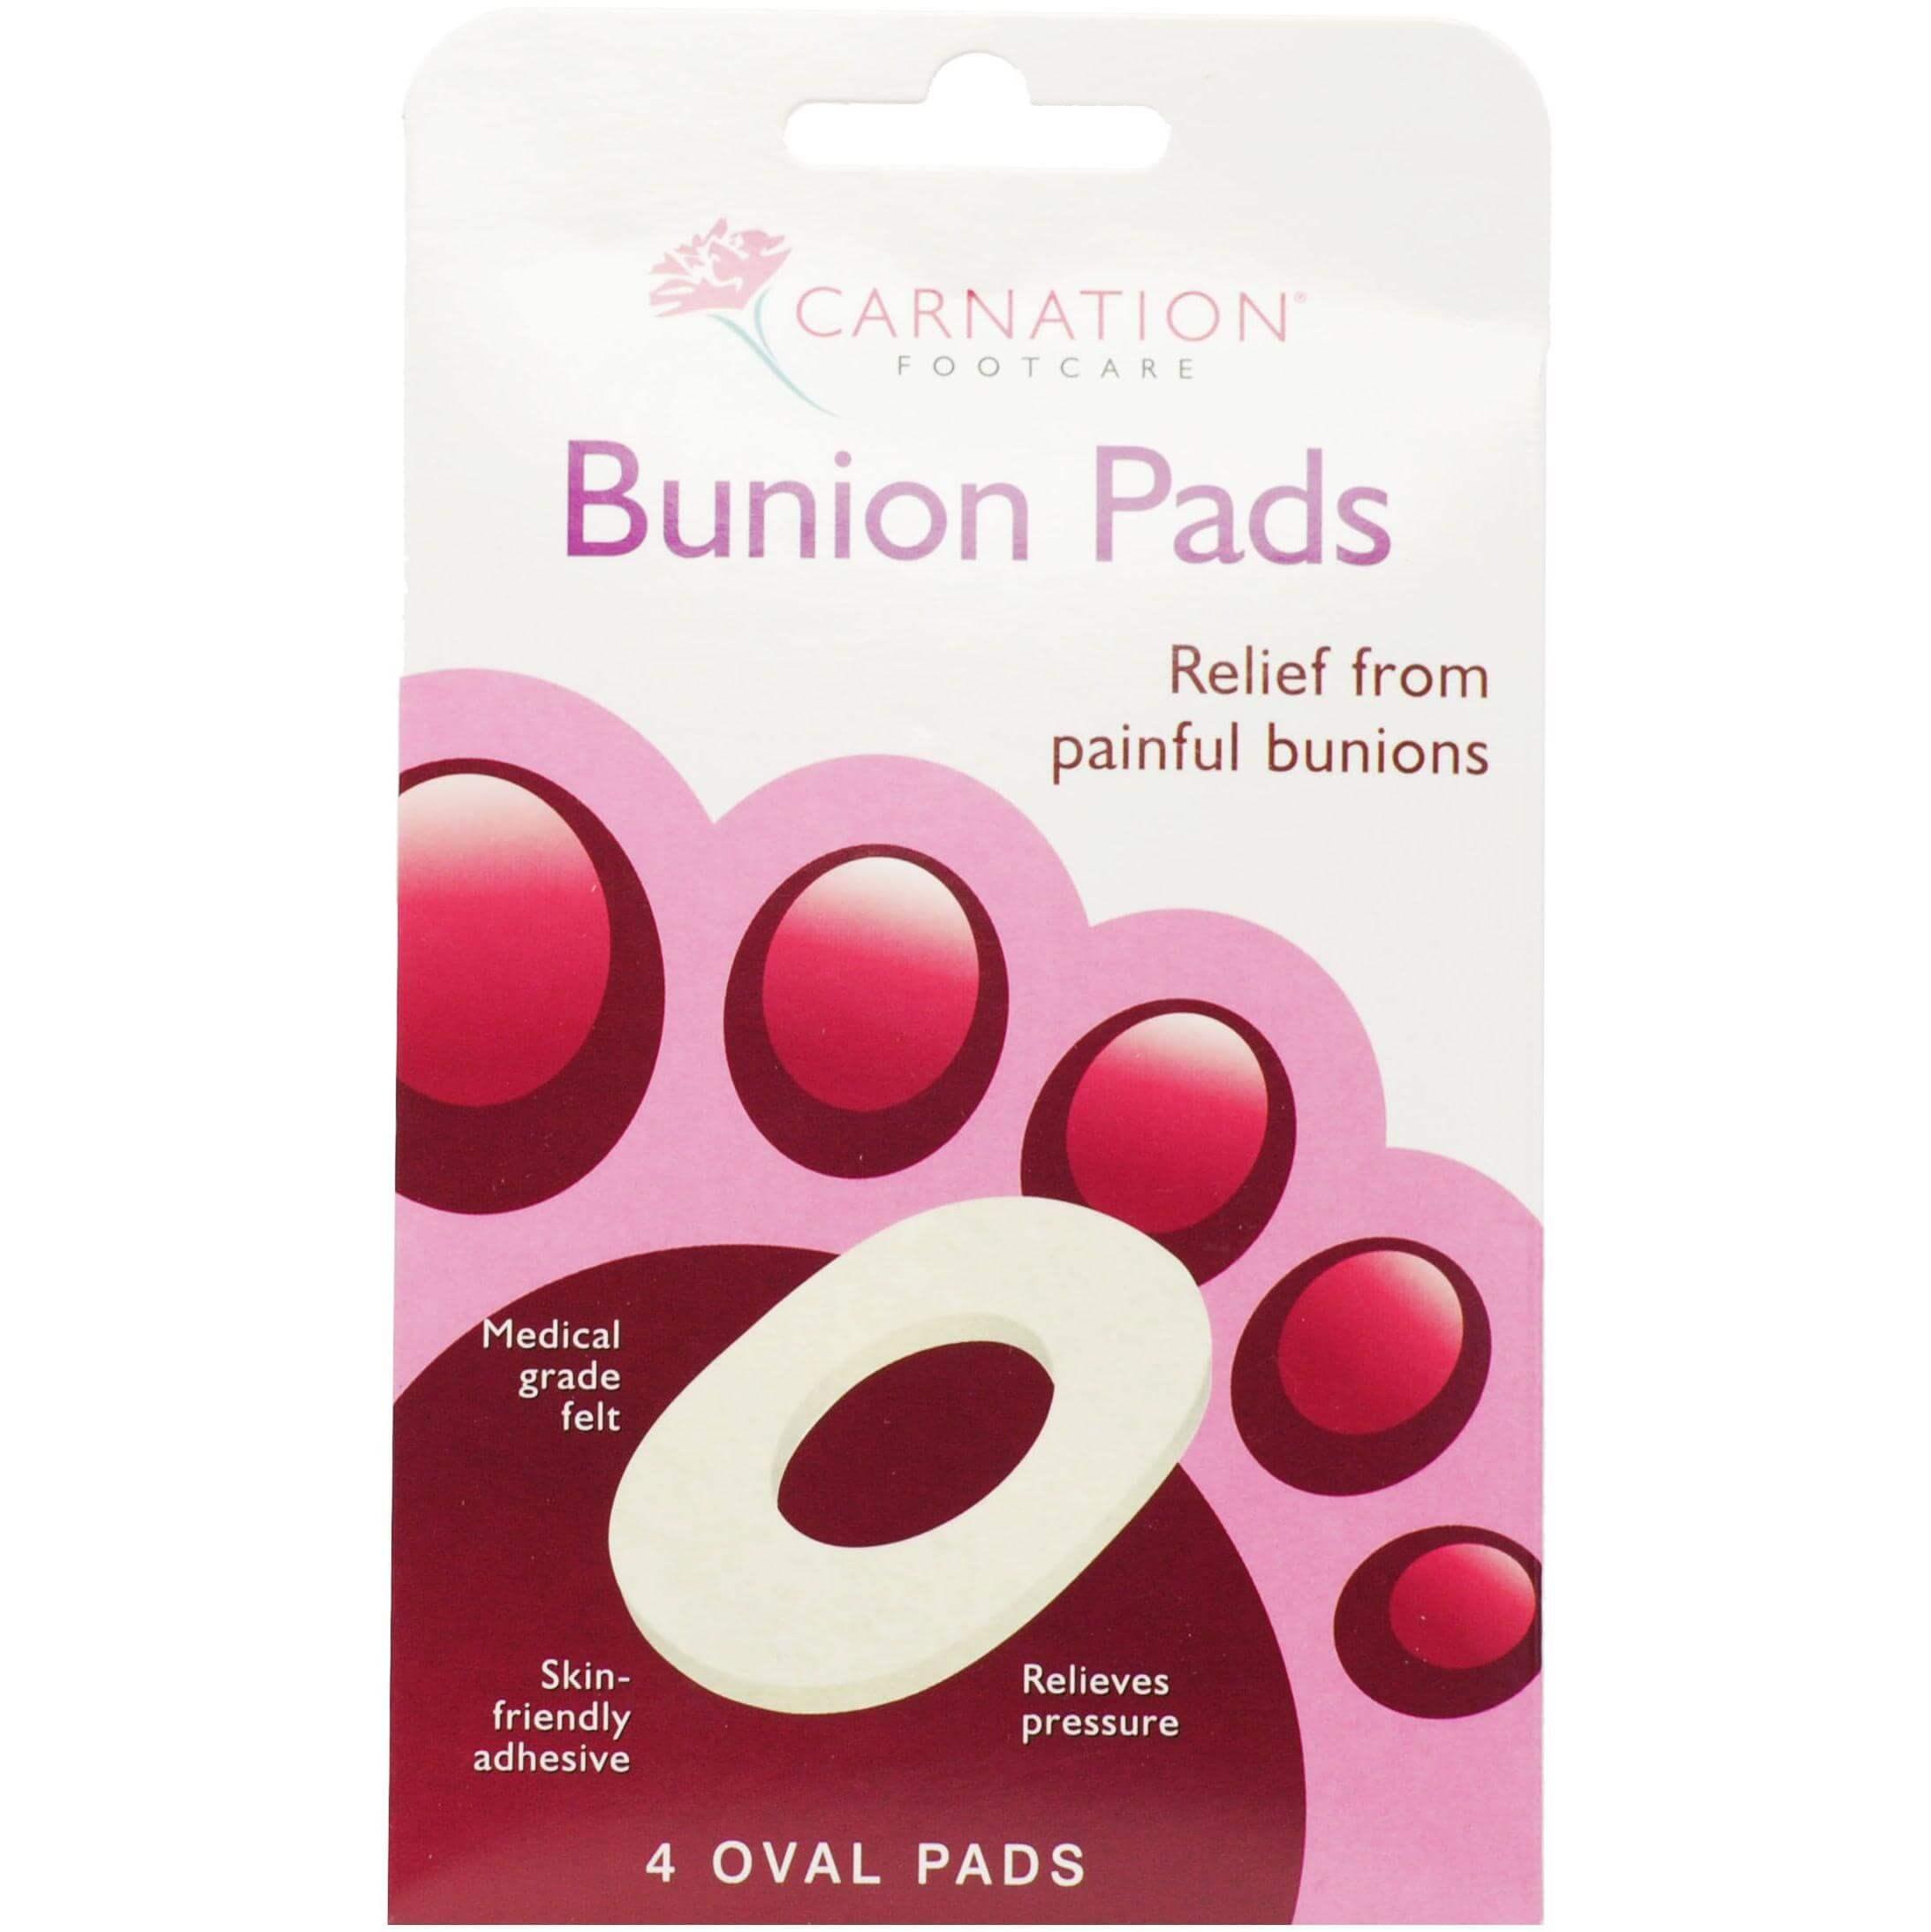 Vican Carnation Bunion Pads Αυτοκόλλητα Προστατευτικά για τα Δάκτυλα των Ποδιών (Κότσι) 4τμχ